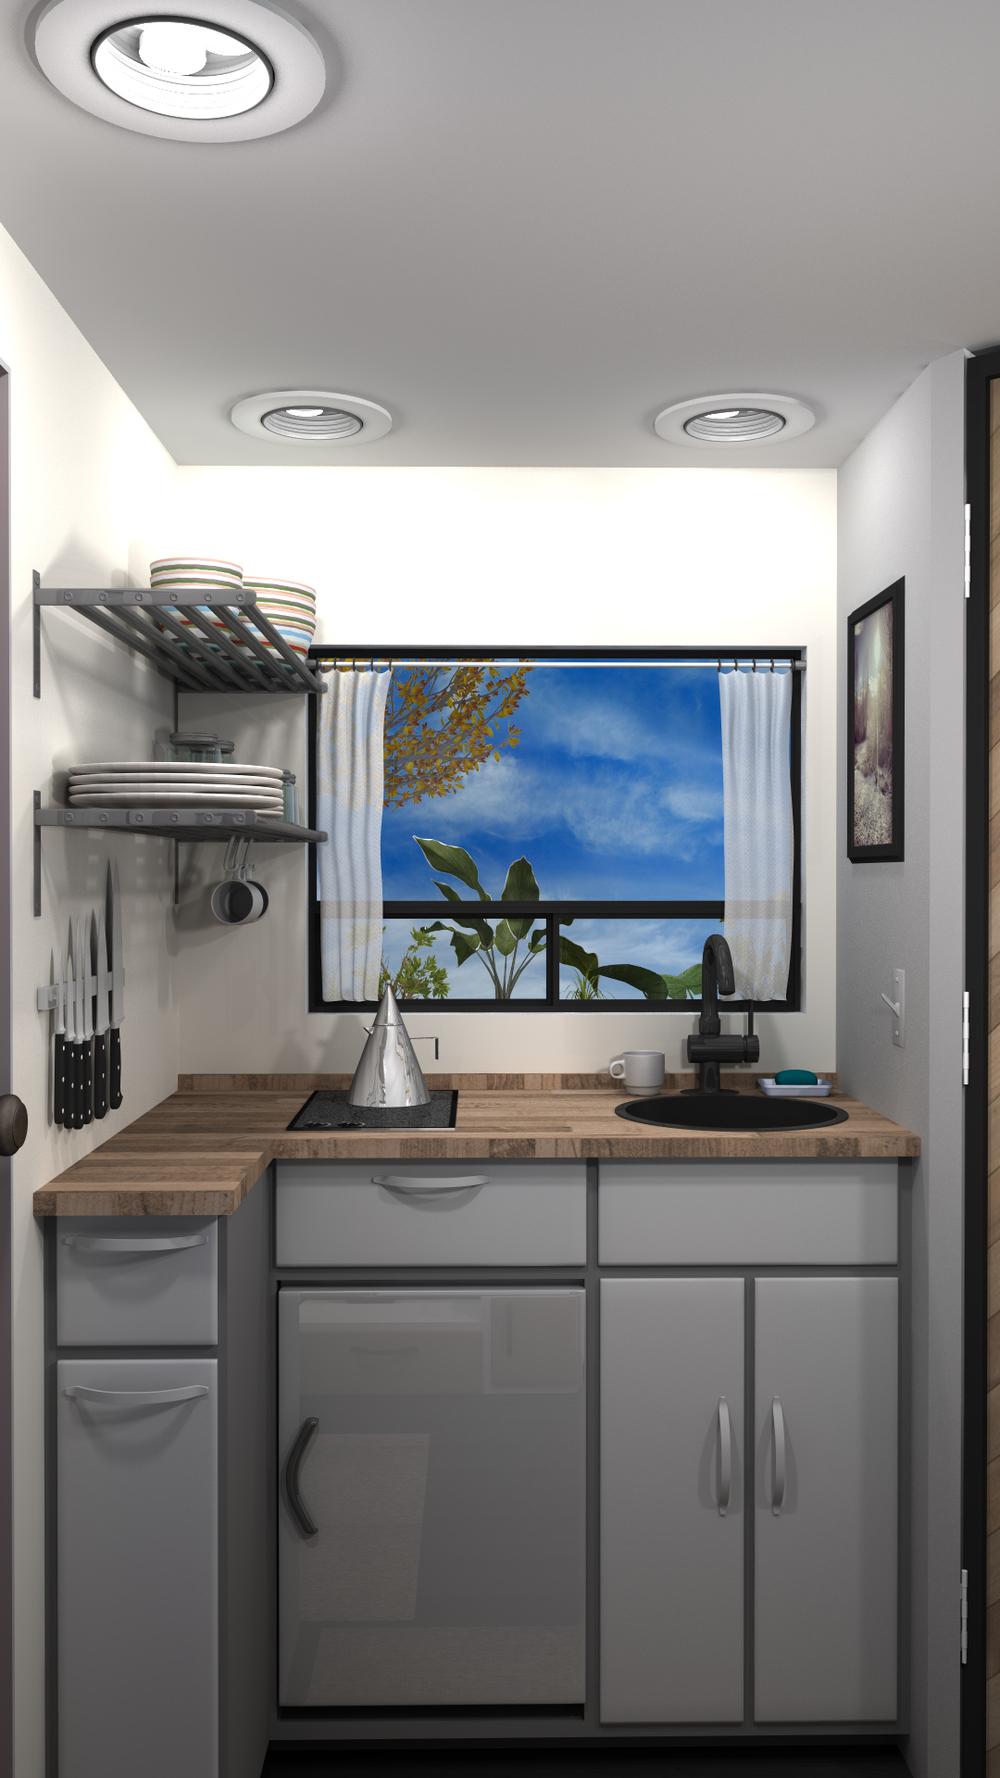 THM_Kitchen_V2.jpg